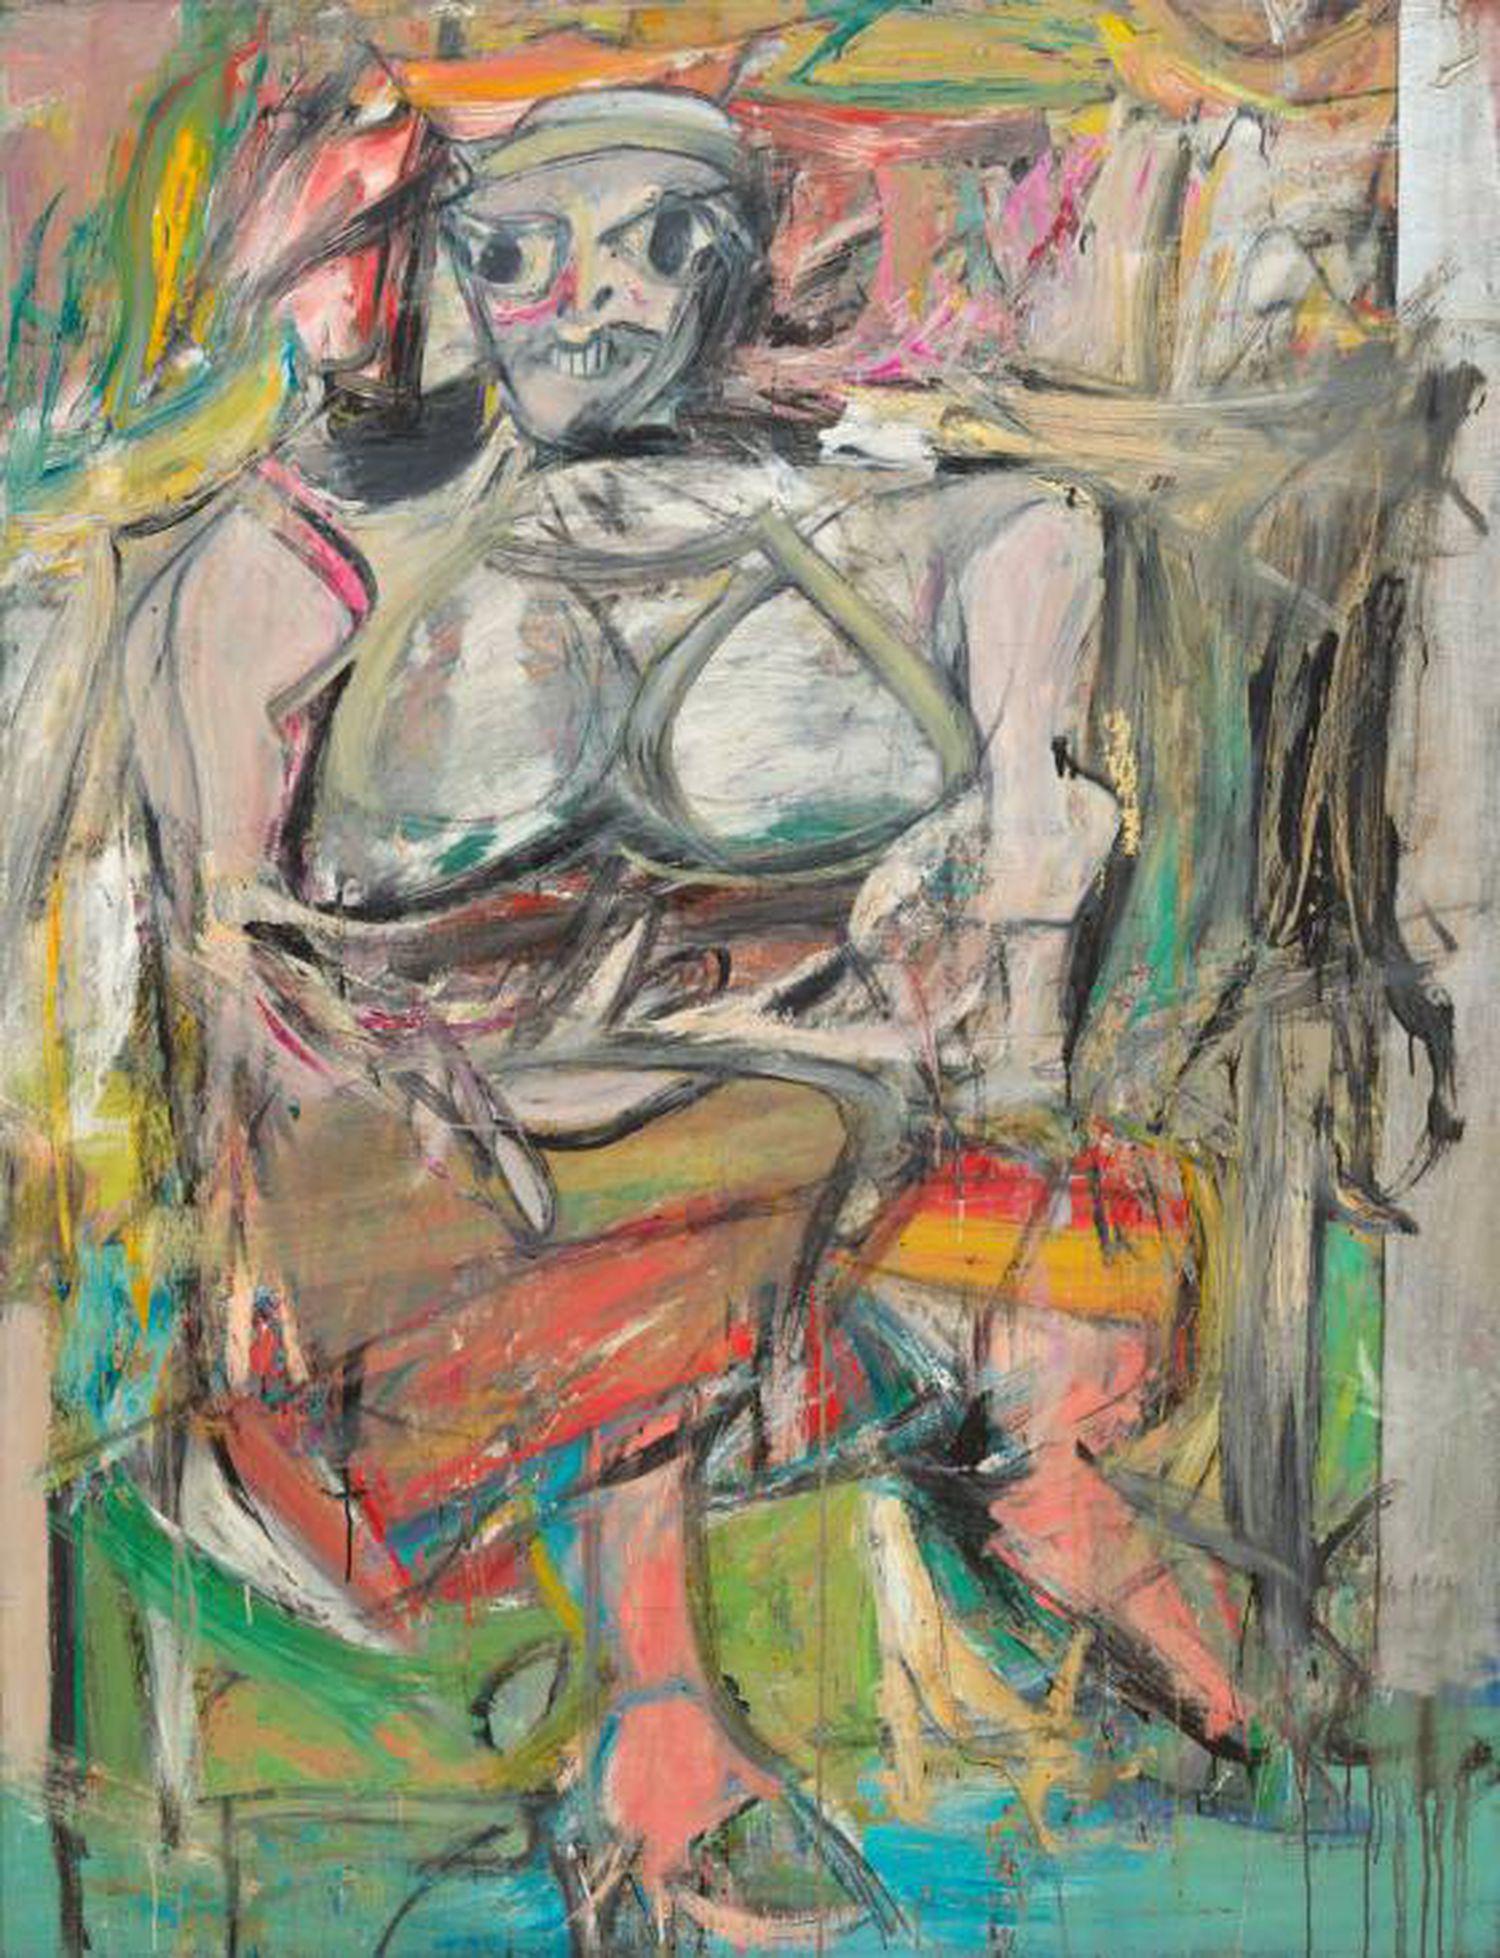 'Woman I', de Willem de Kooning, 1950–52, no Museu de Arte Moderna de Nova York